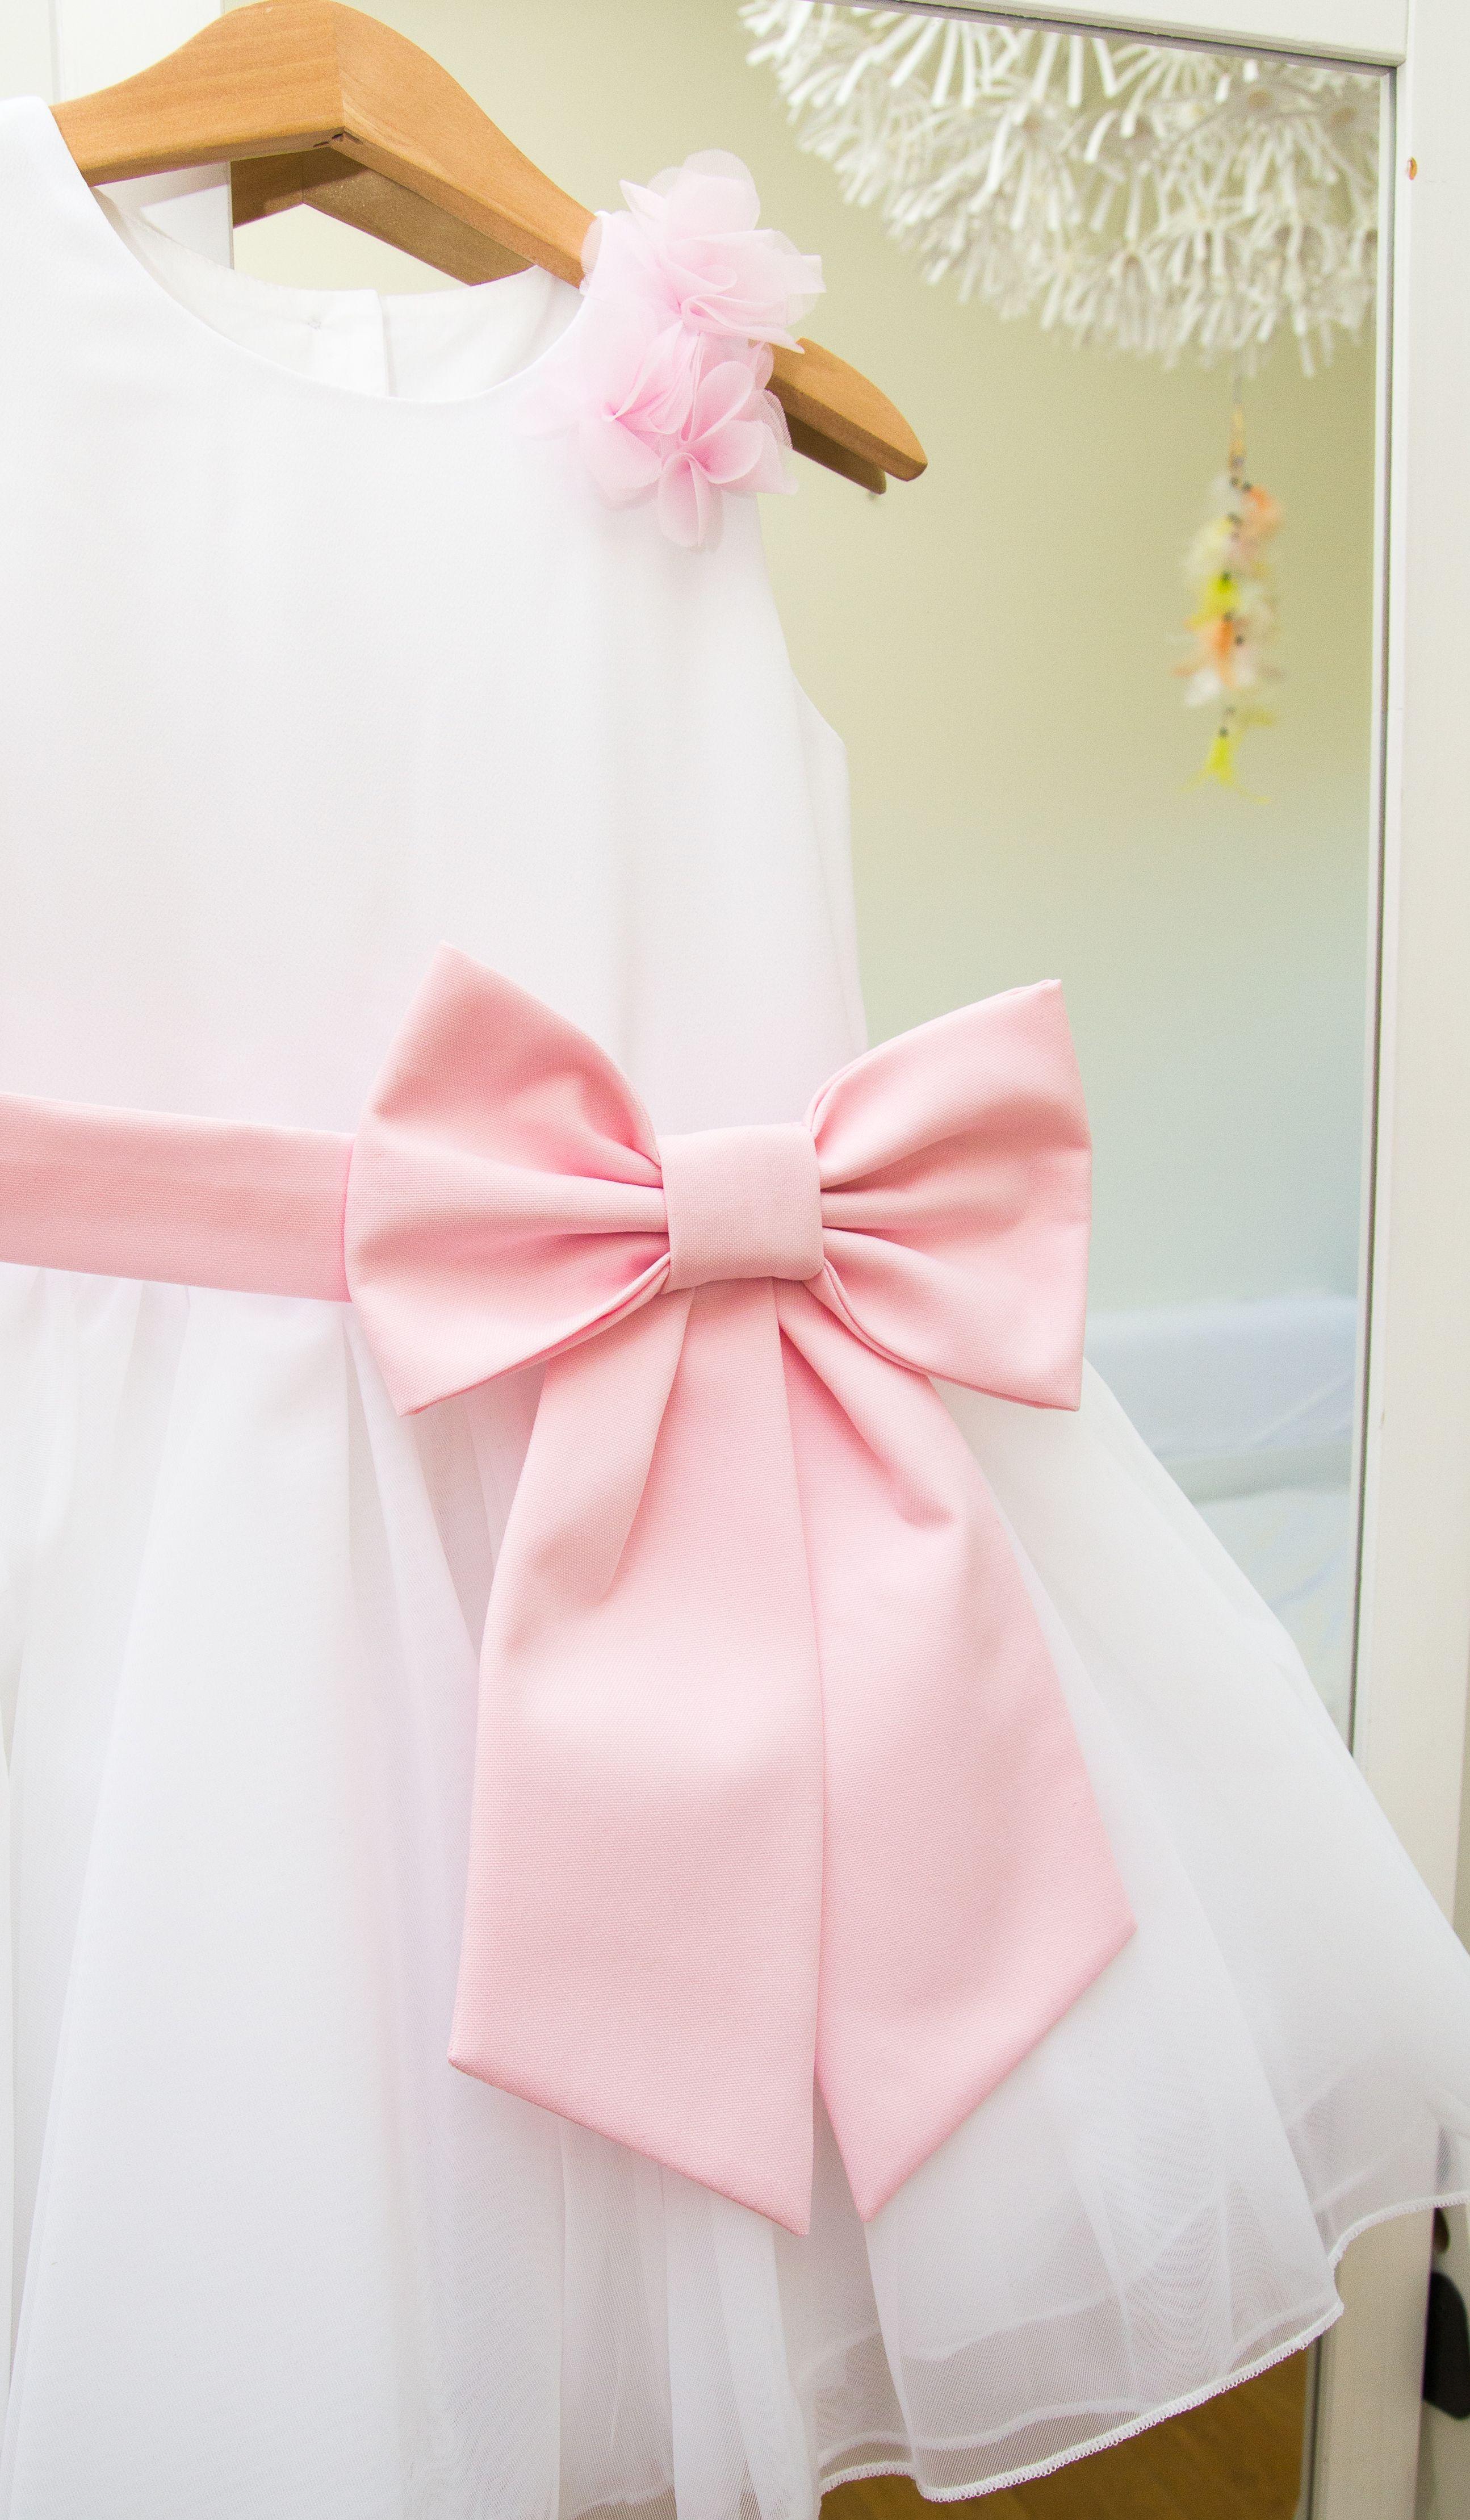 Big bow dress for girl christening dress for todlers baptism dress